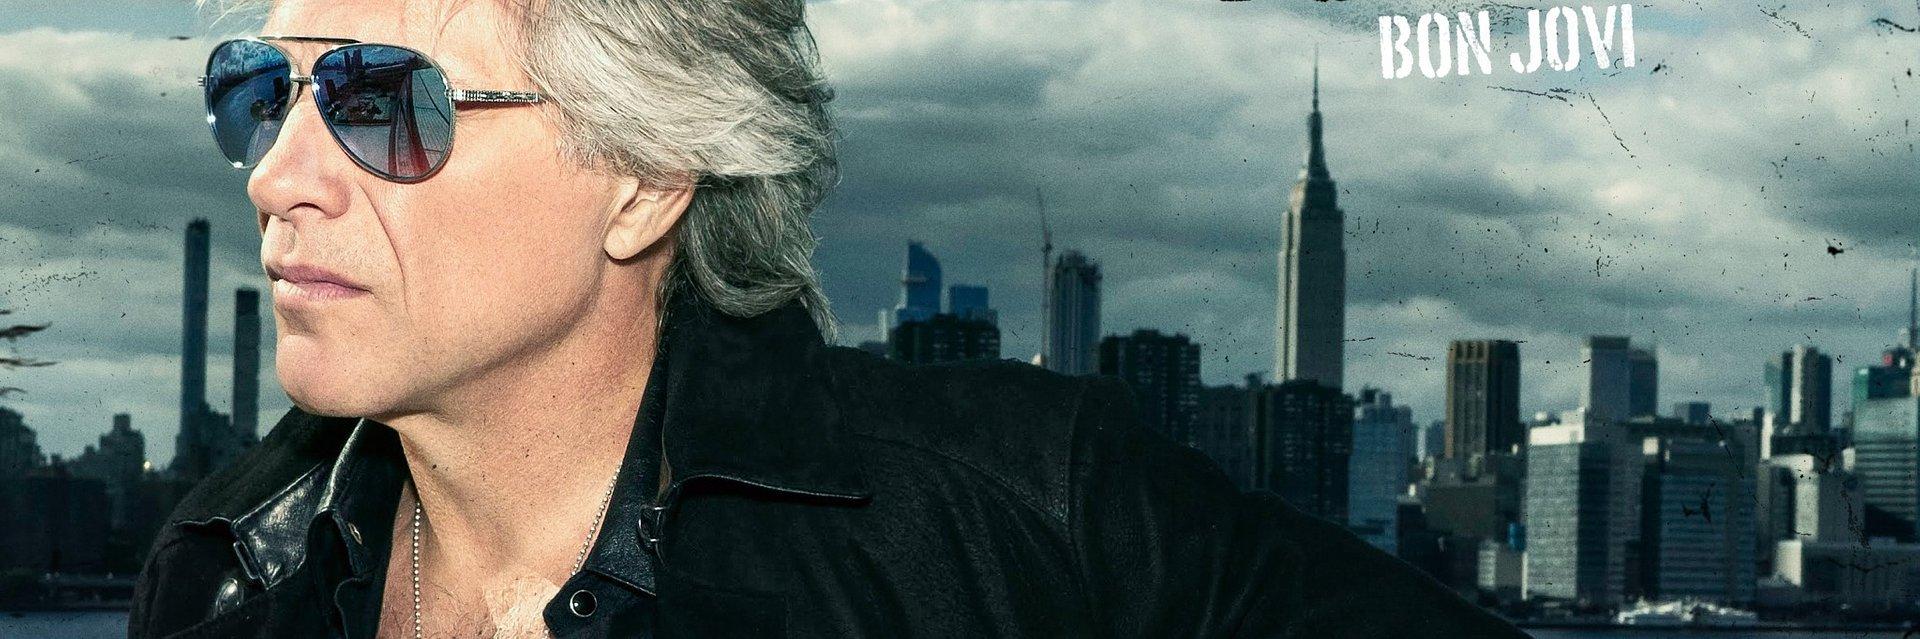 """Bon Jovi w countrującej odsłonie! Zespół prezentuje singiel """"Do What You Can"""" i ogłasza nowy album"""